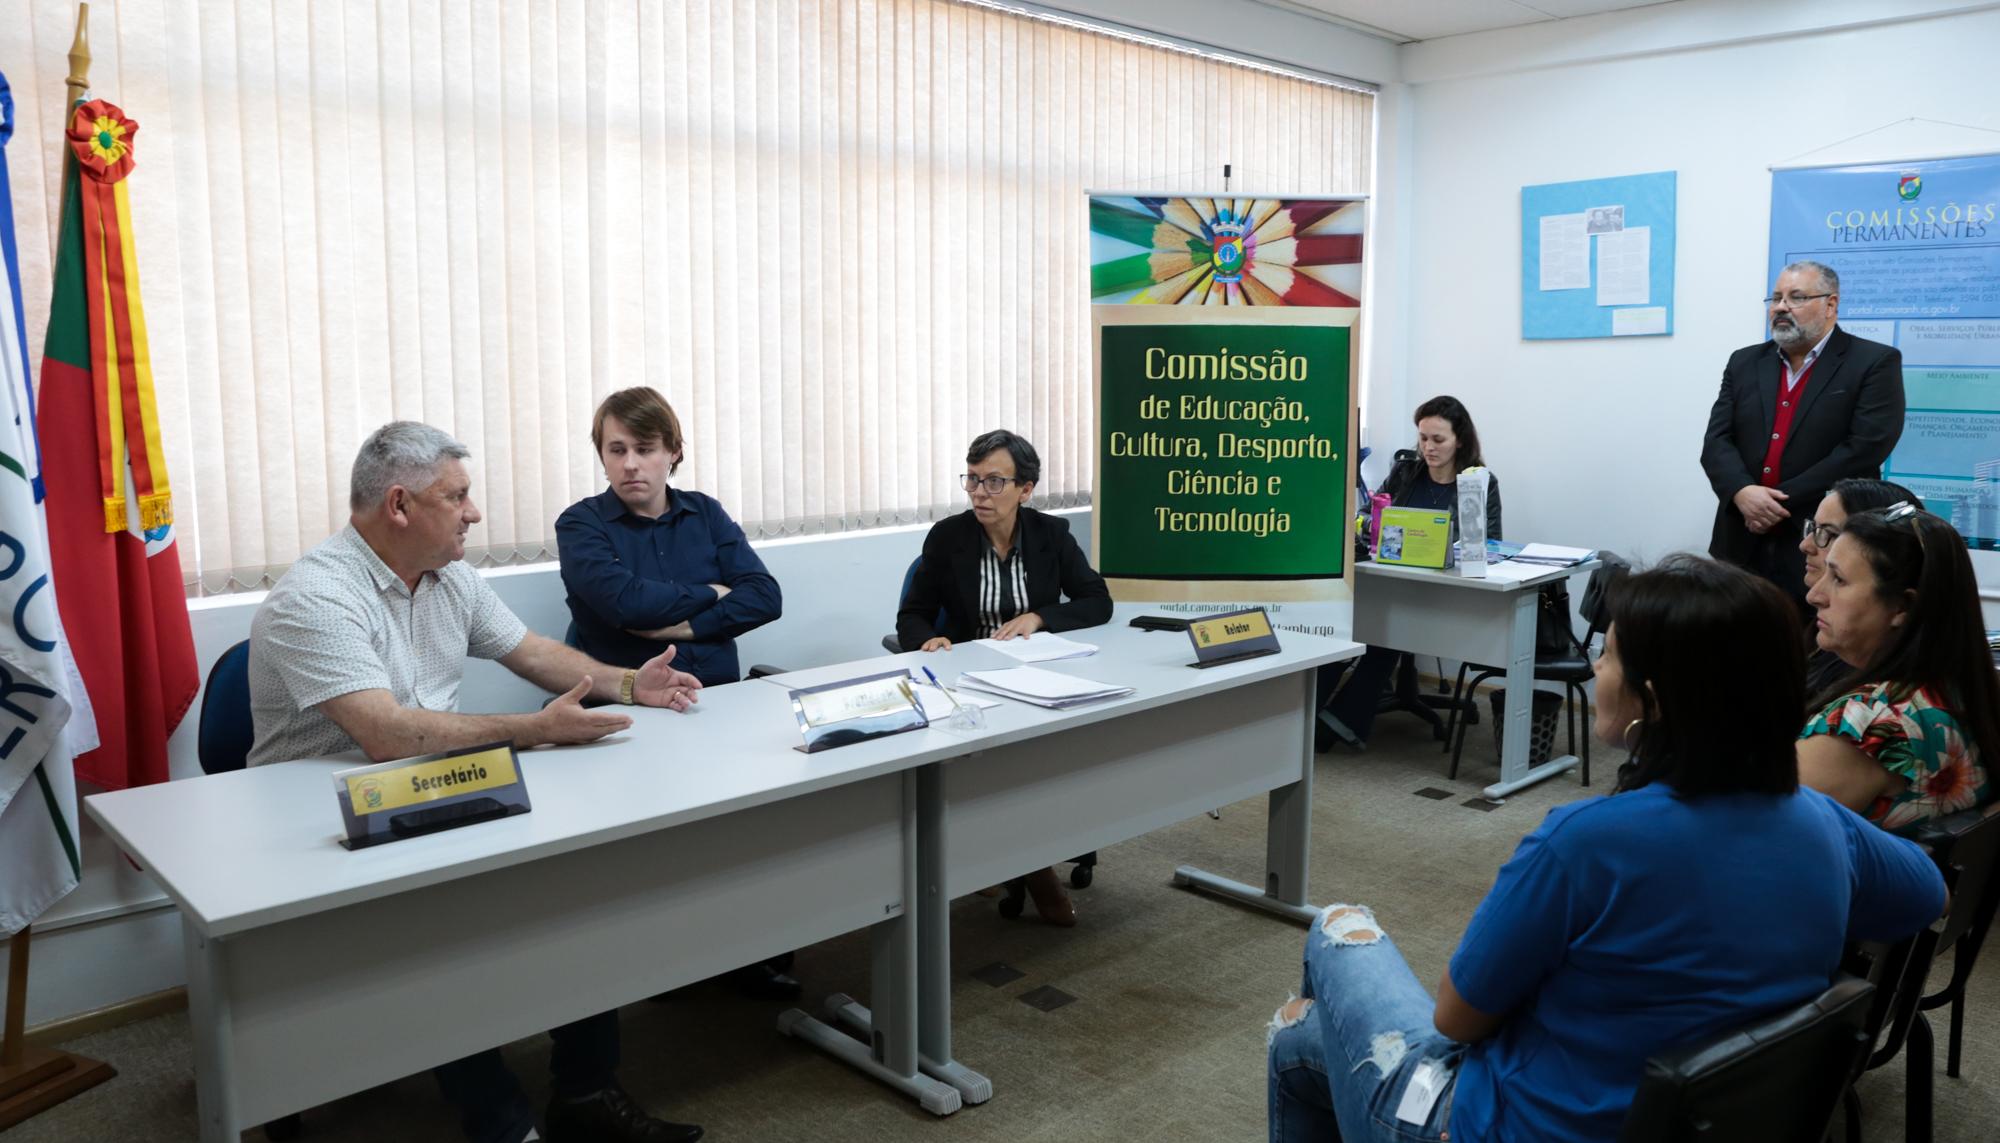 Mães de alunos da rede municipal devem reivindicar retomada de atividades em psicomotricidade